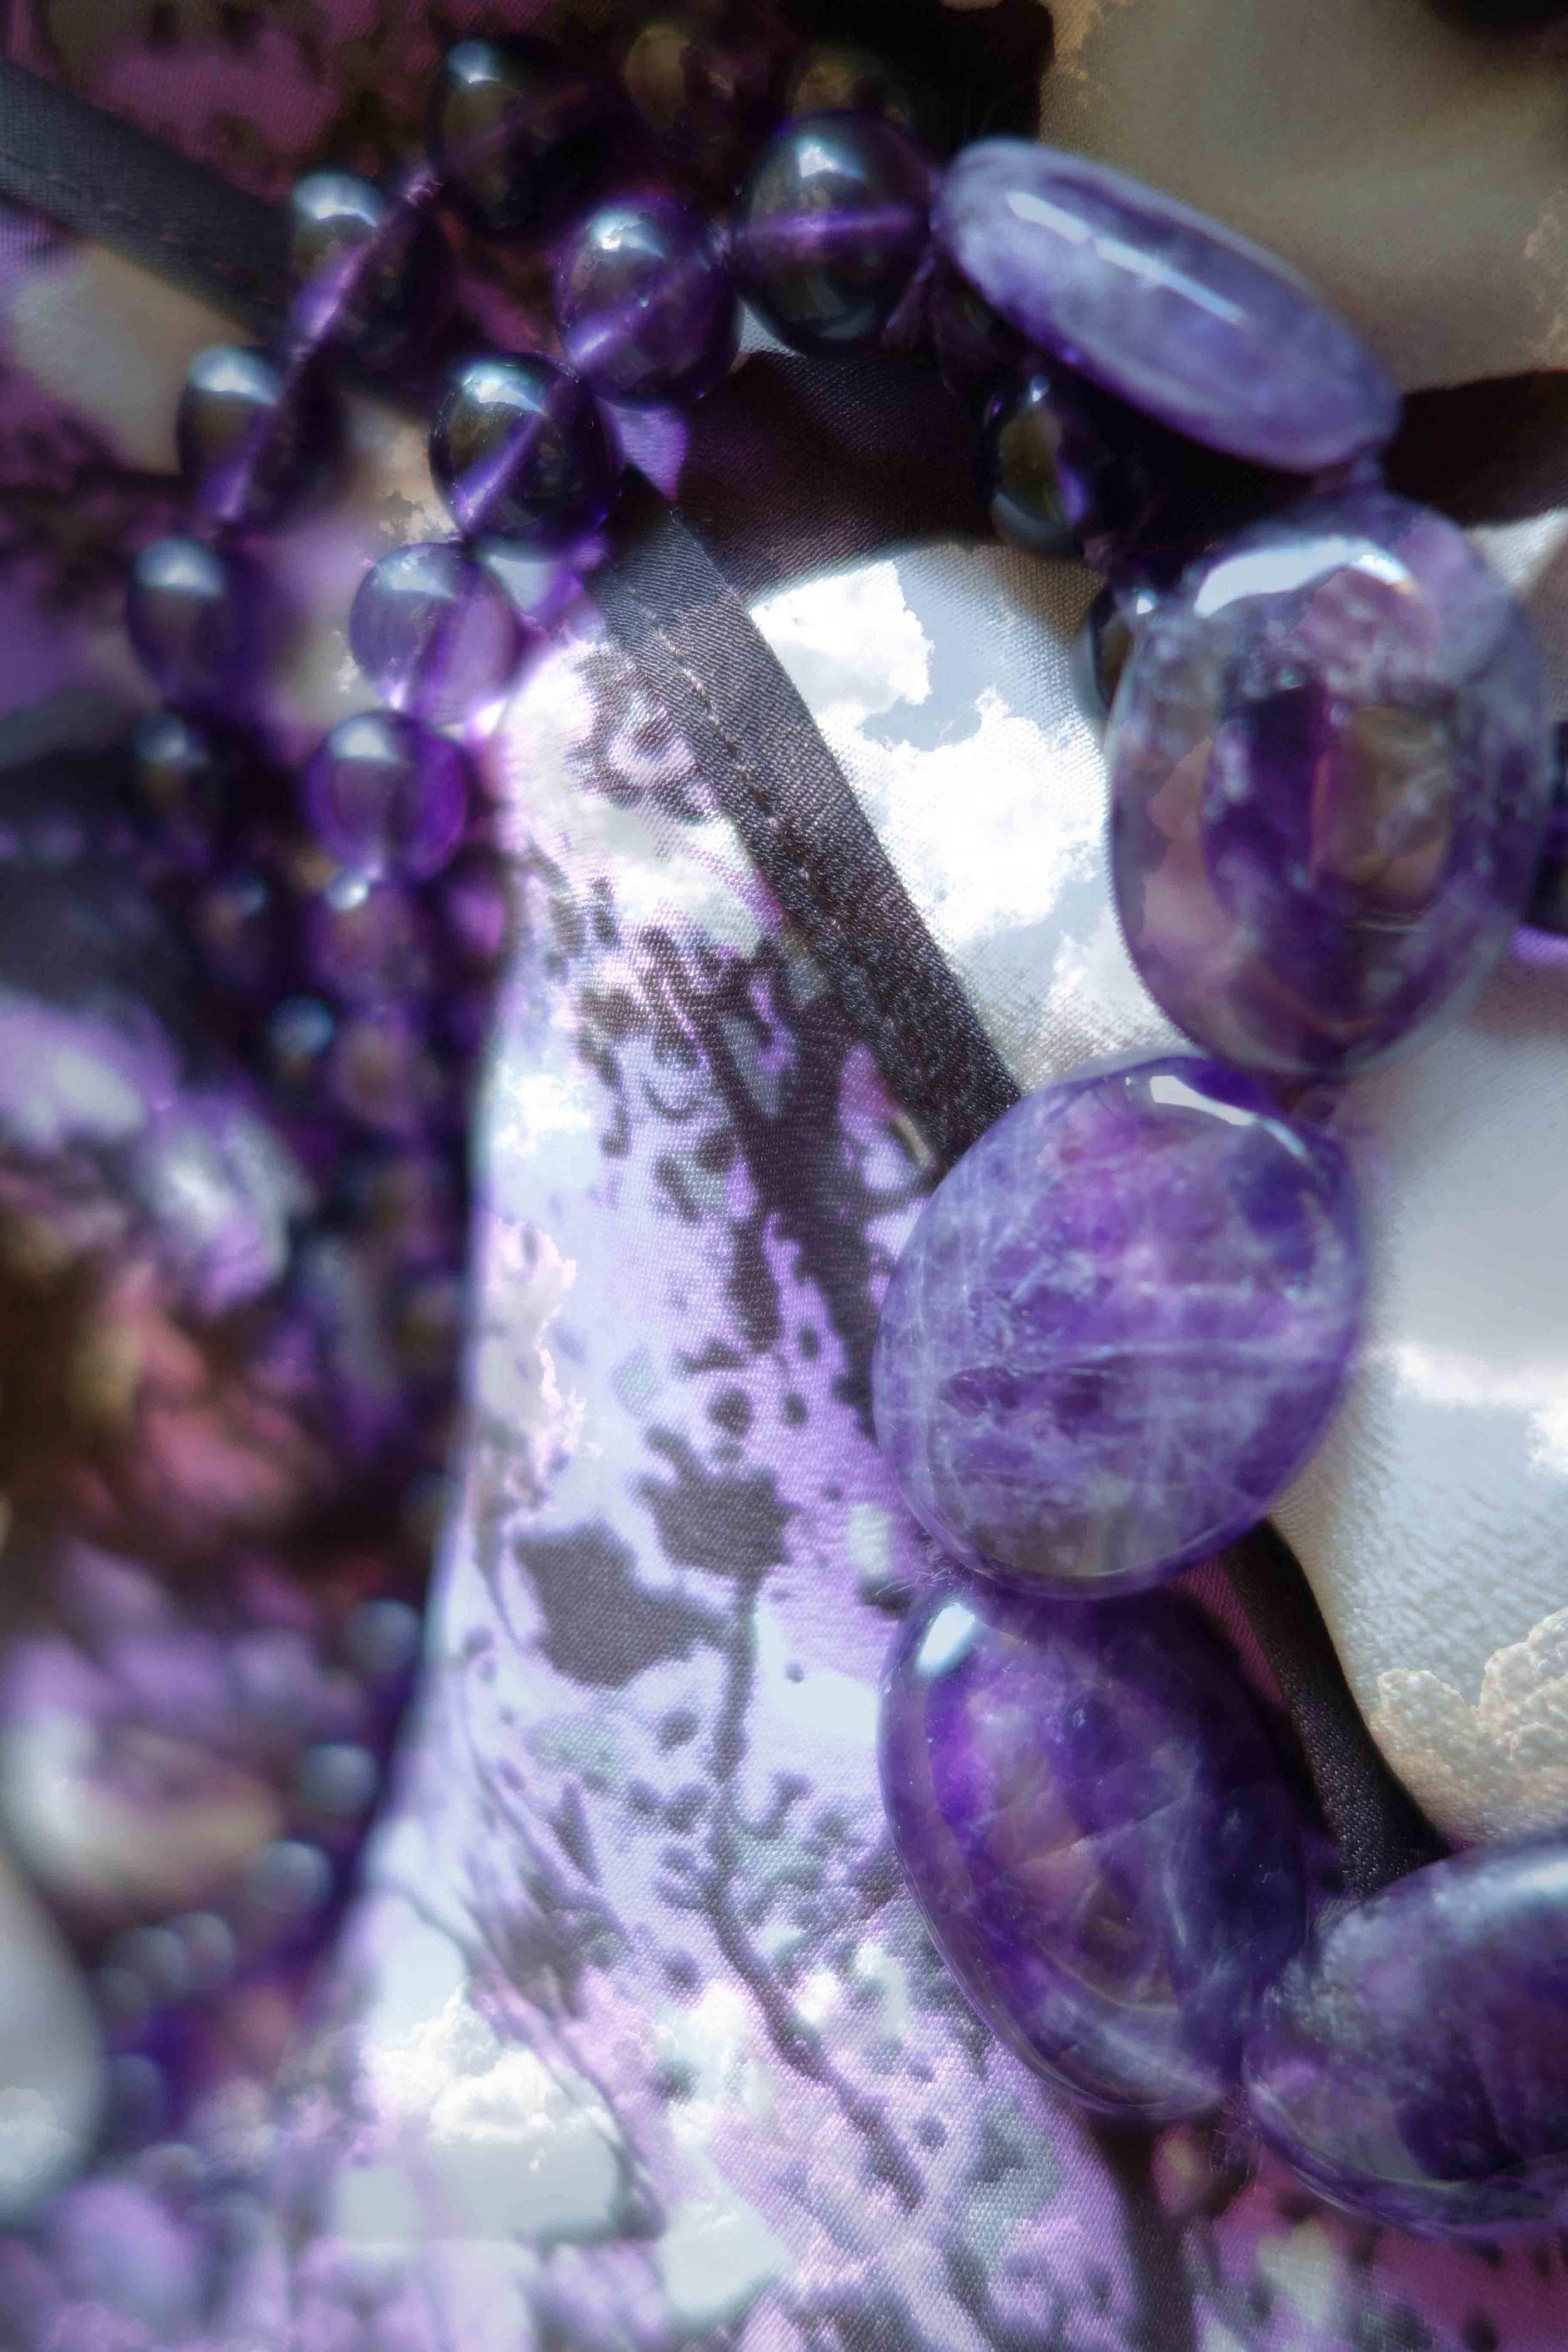 detailclouds+jewels.jpg